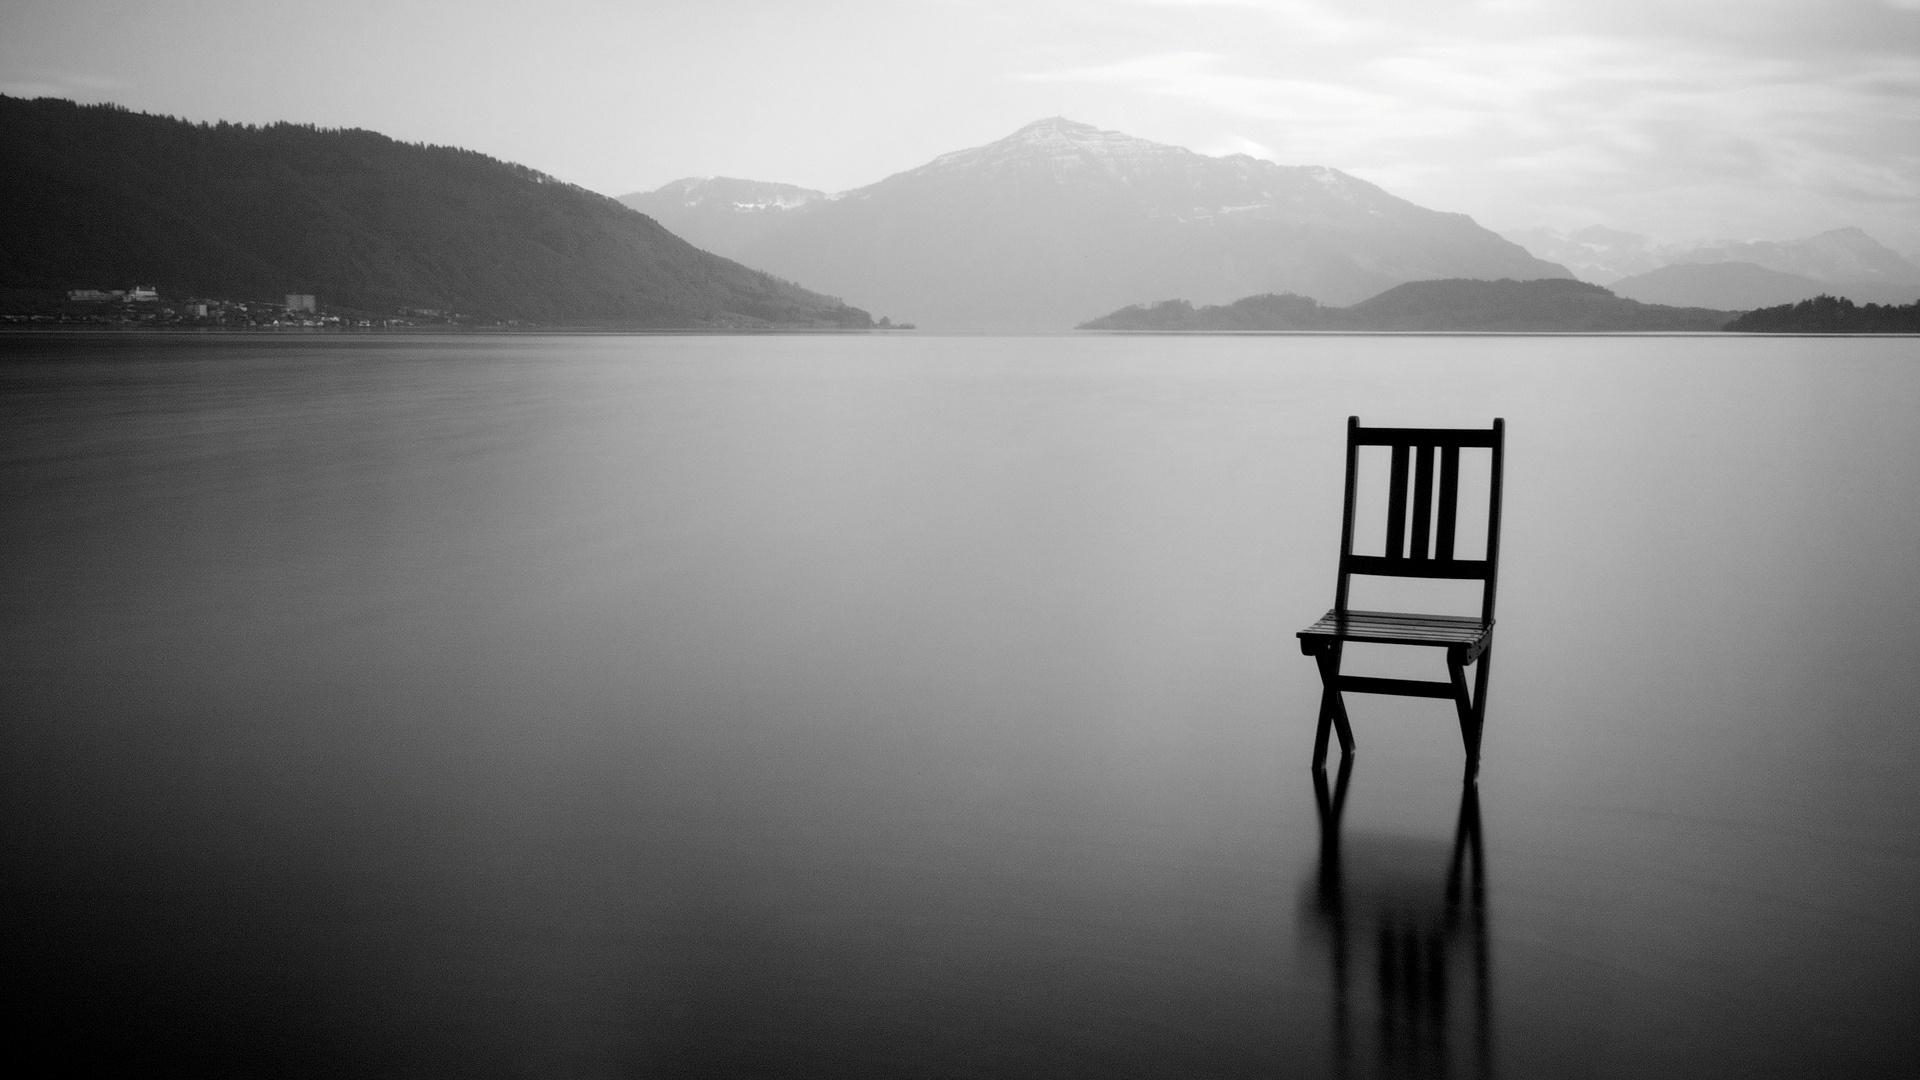 Il silenzio che fa rumore: da ''The Sound of Silence'' all' Iperacusia